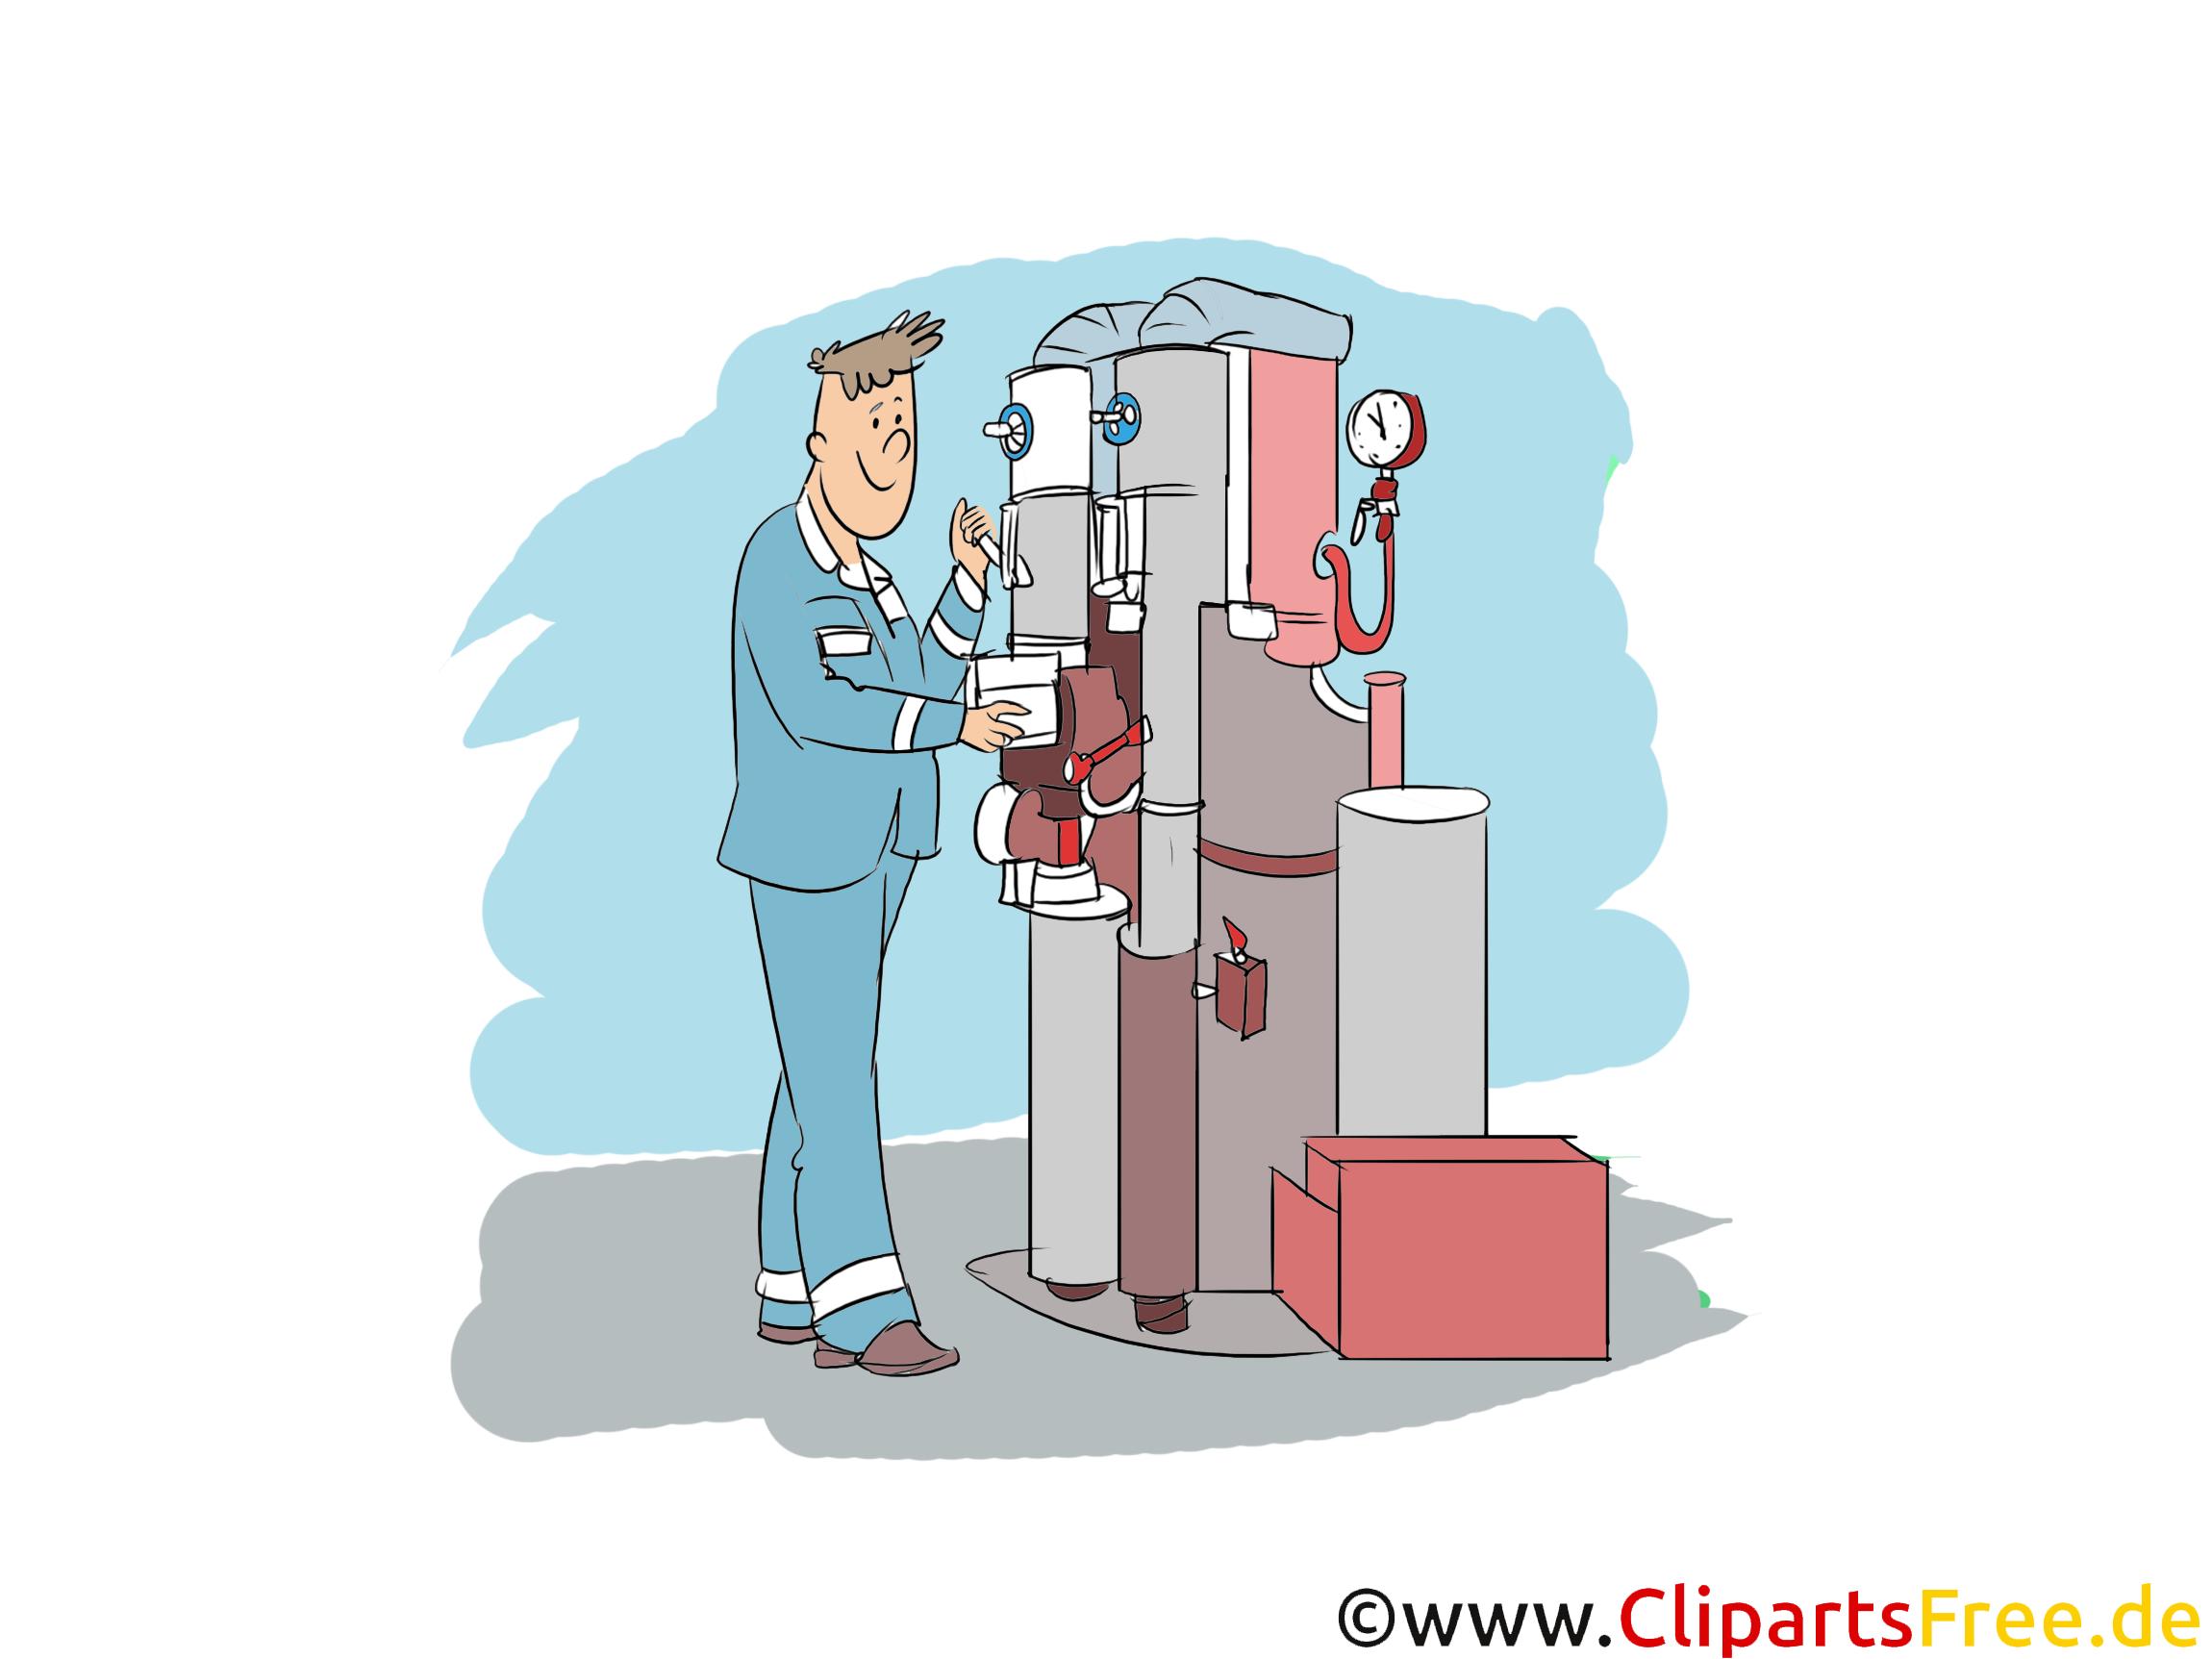 Anlagenmechaniker Clipart, Bild, Grafik zum Thema Ausbildungsberufe